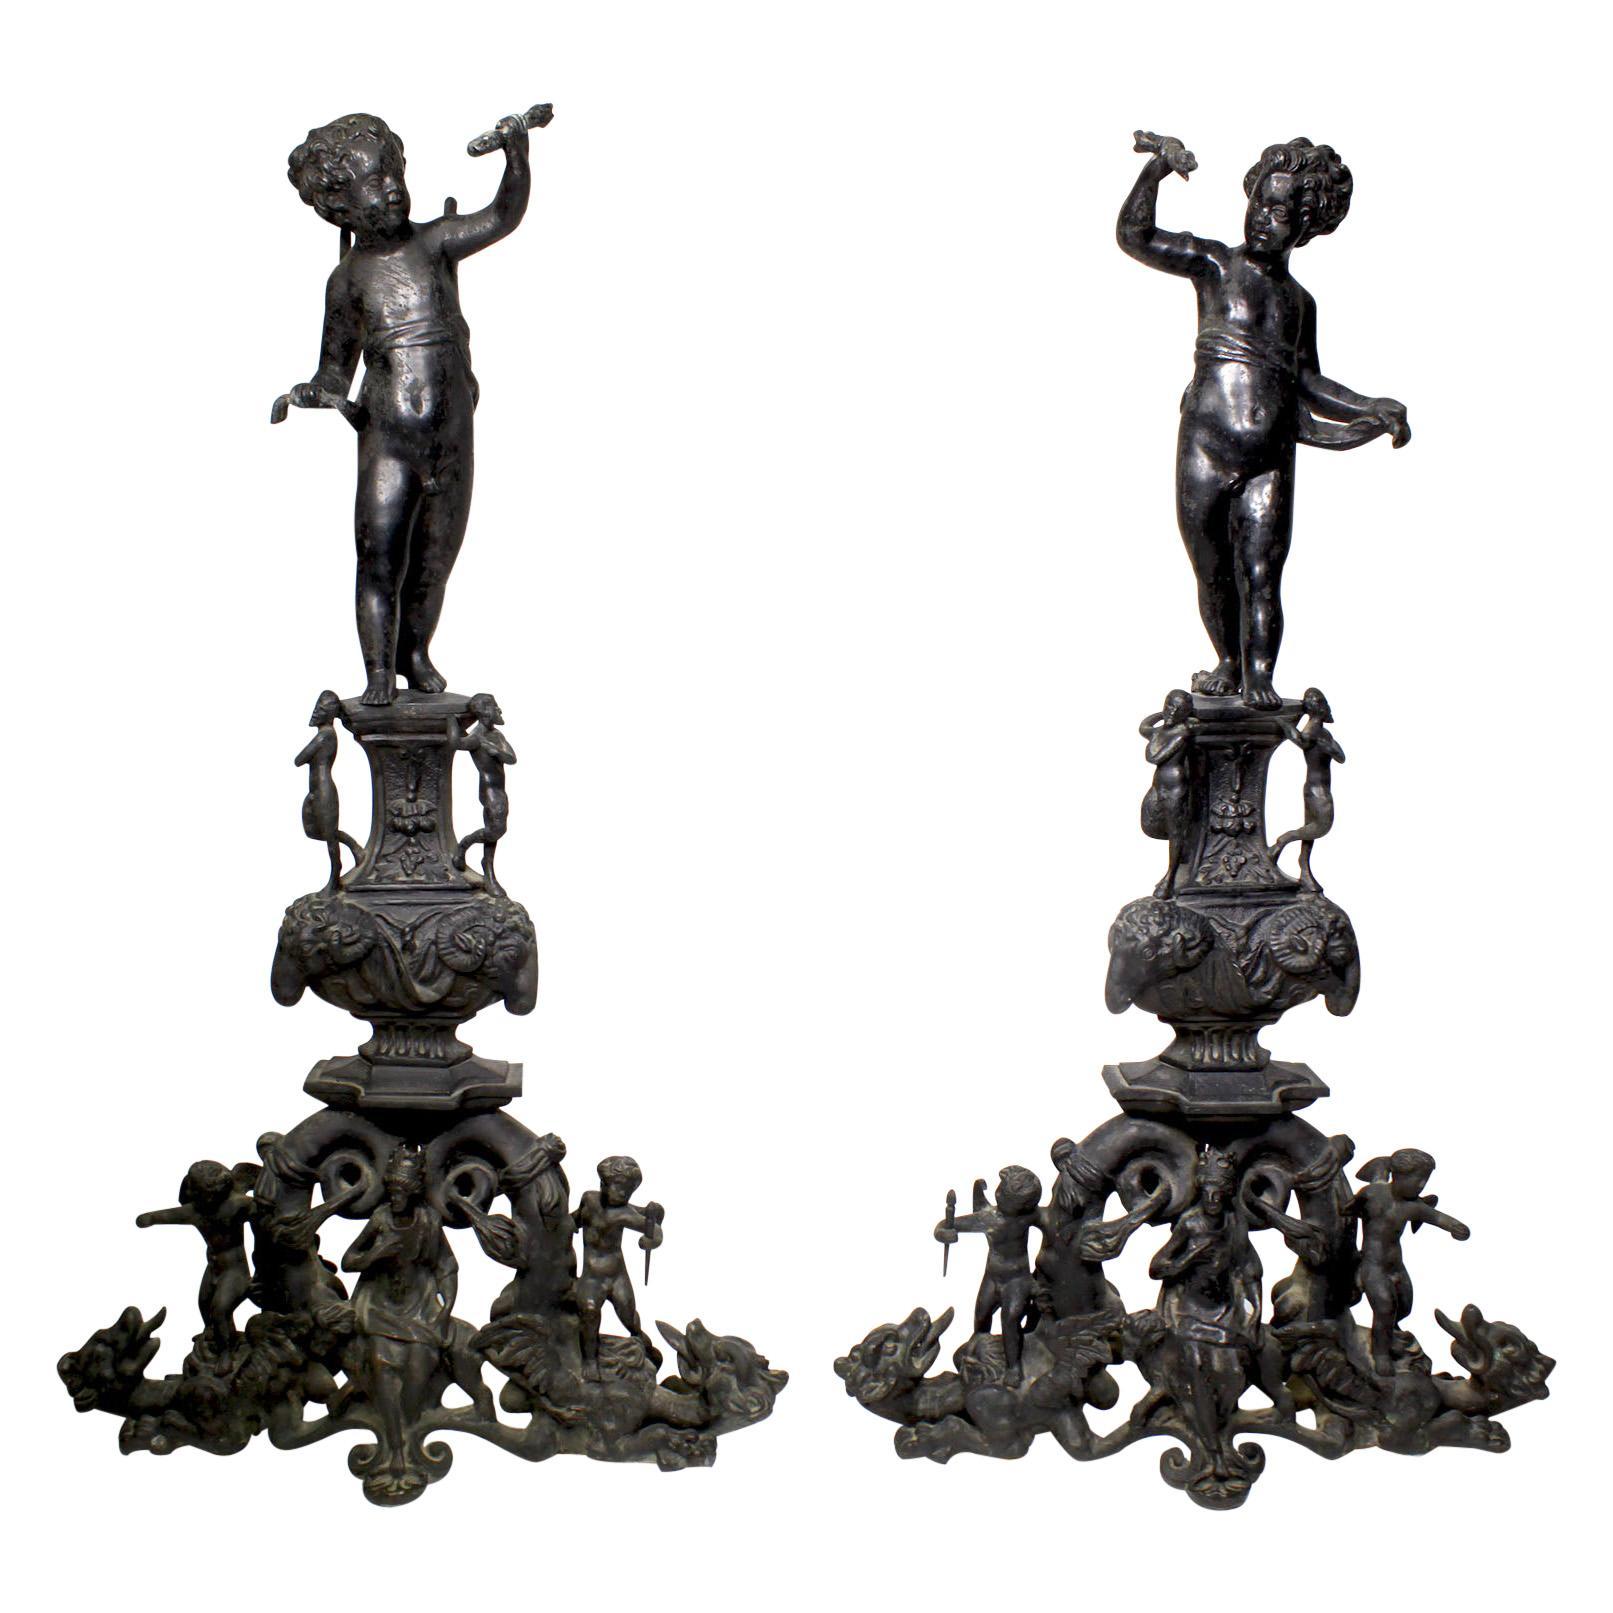 Pair French 19th Century Baroque Style Patinated Bronze Cherub Chenets Andirons